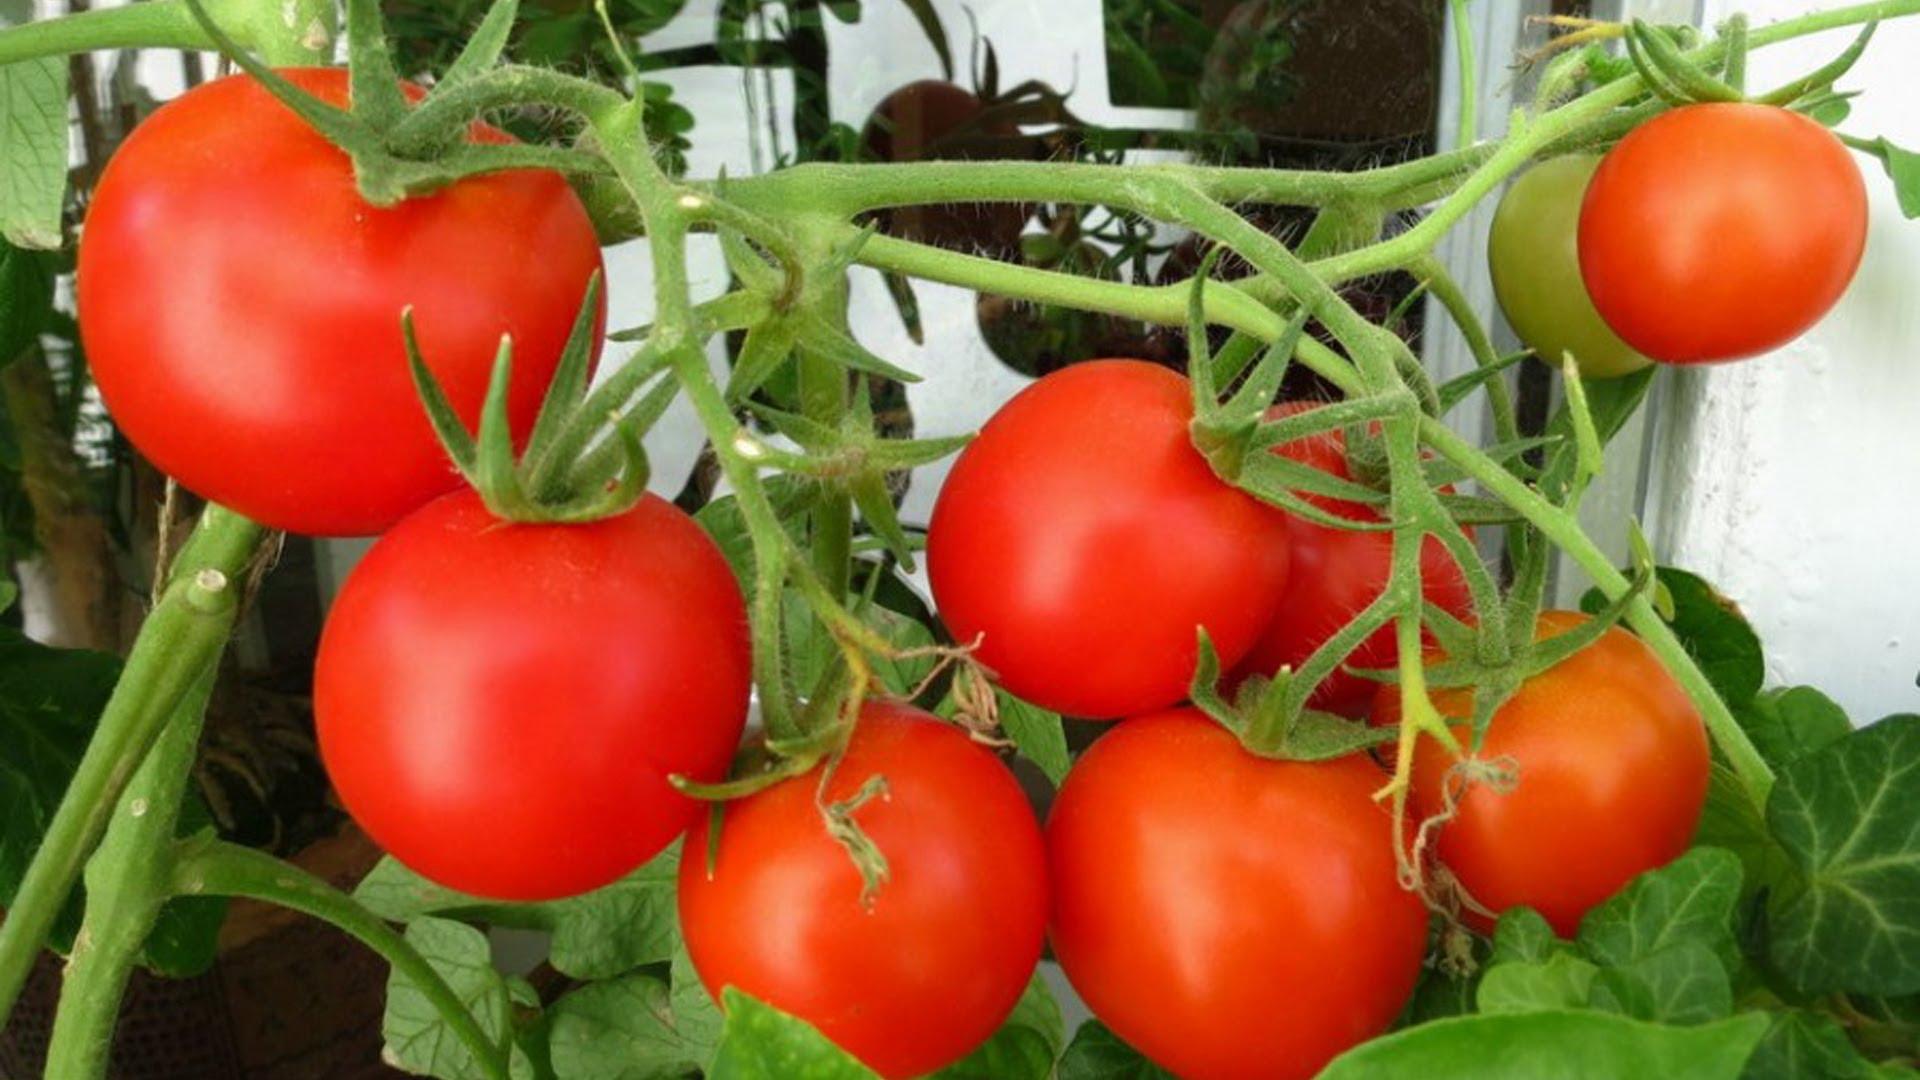 Выращивание томатов Черри в теплице как Бизнес 2019